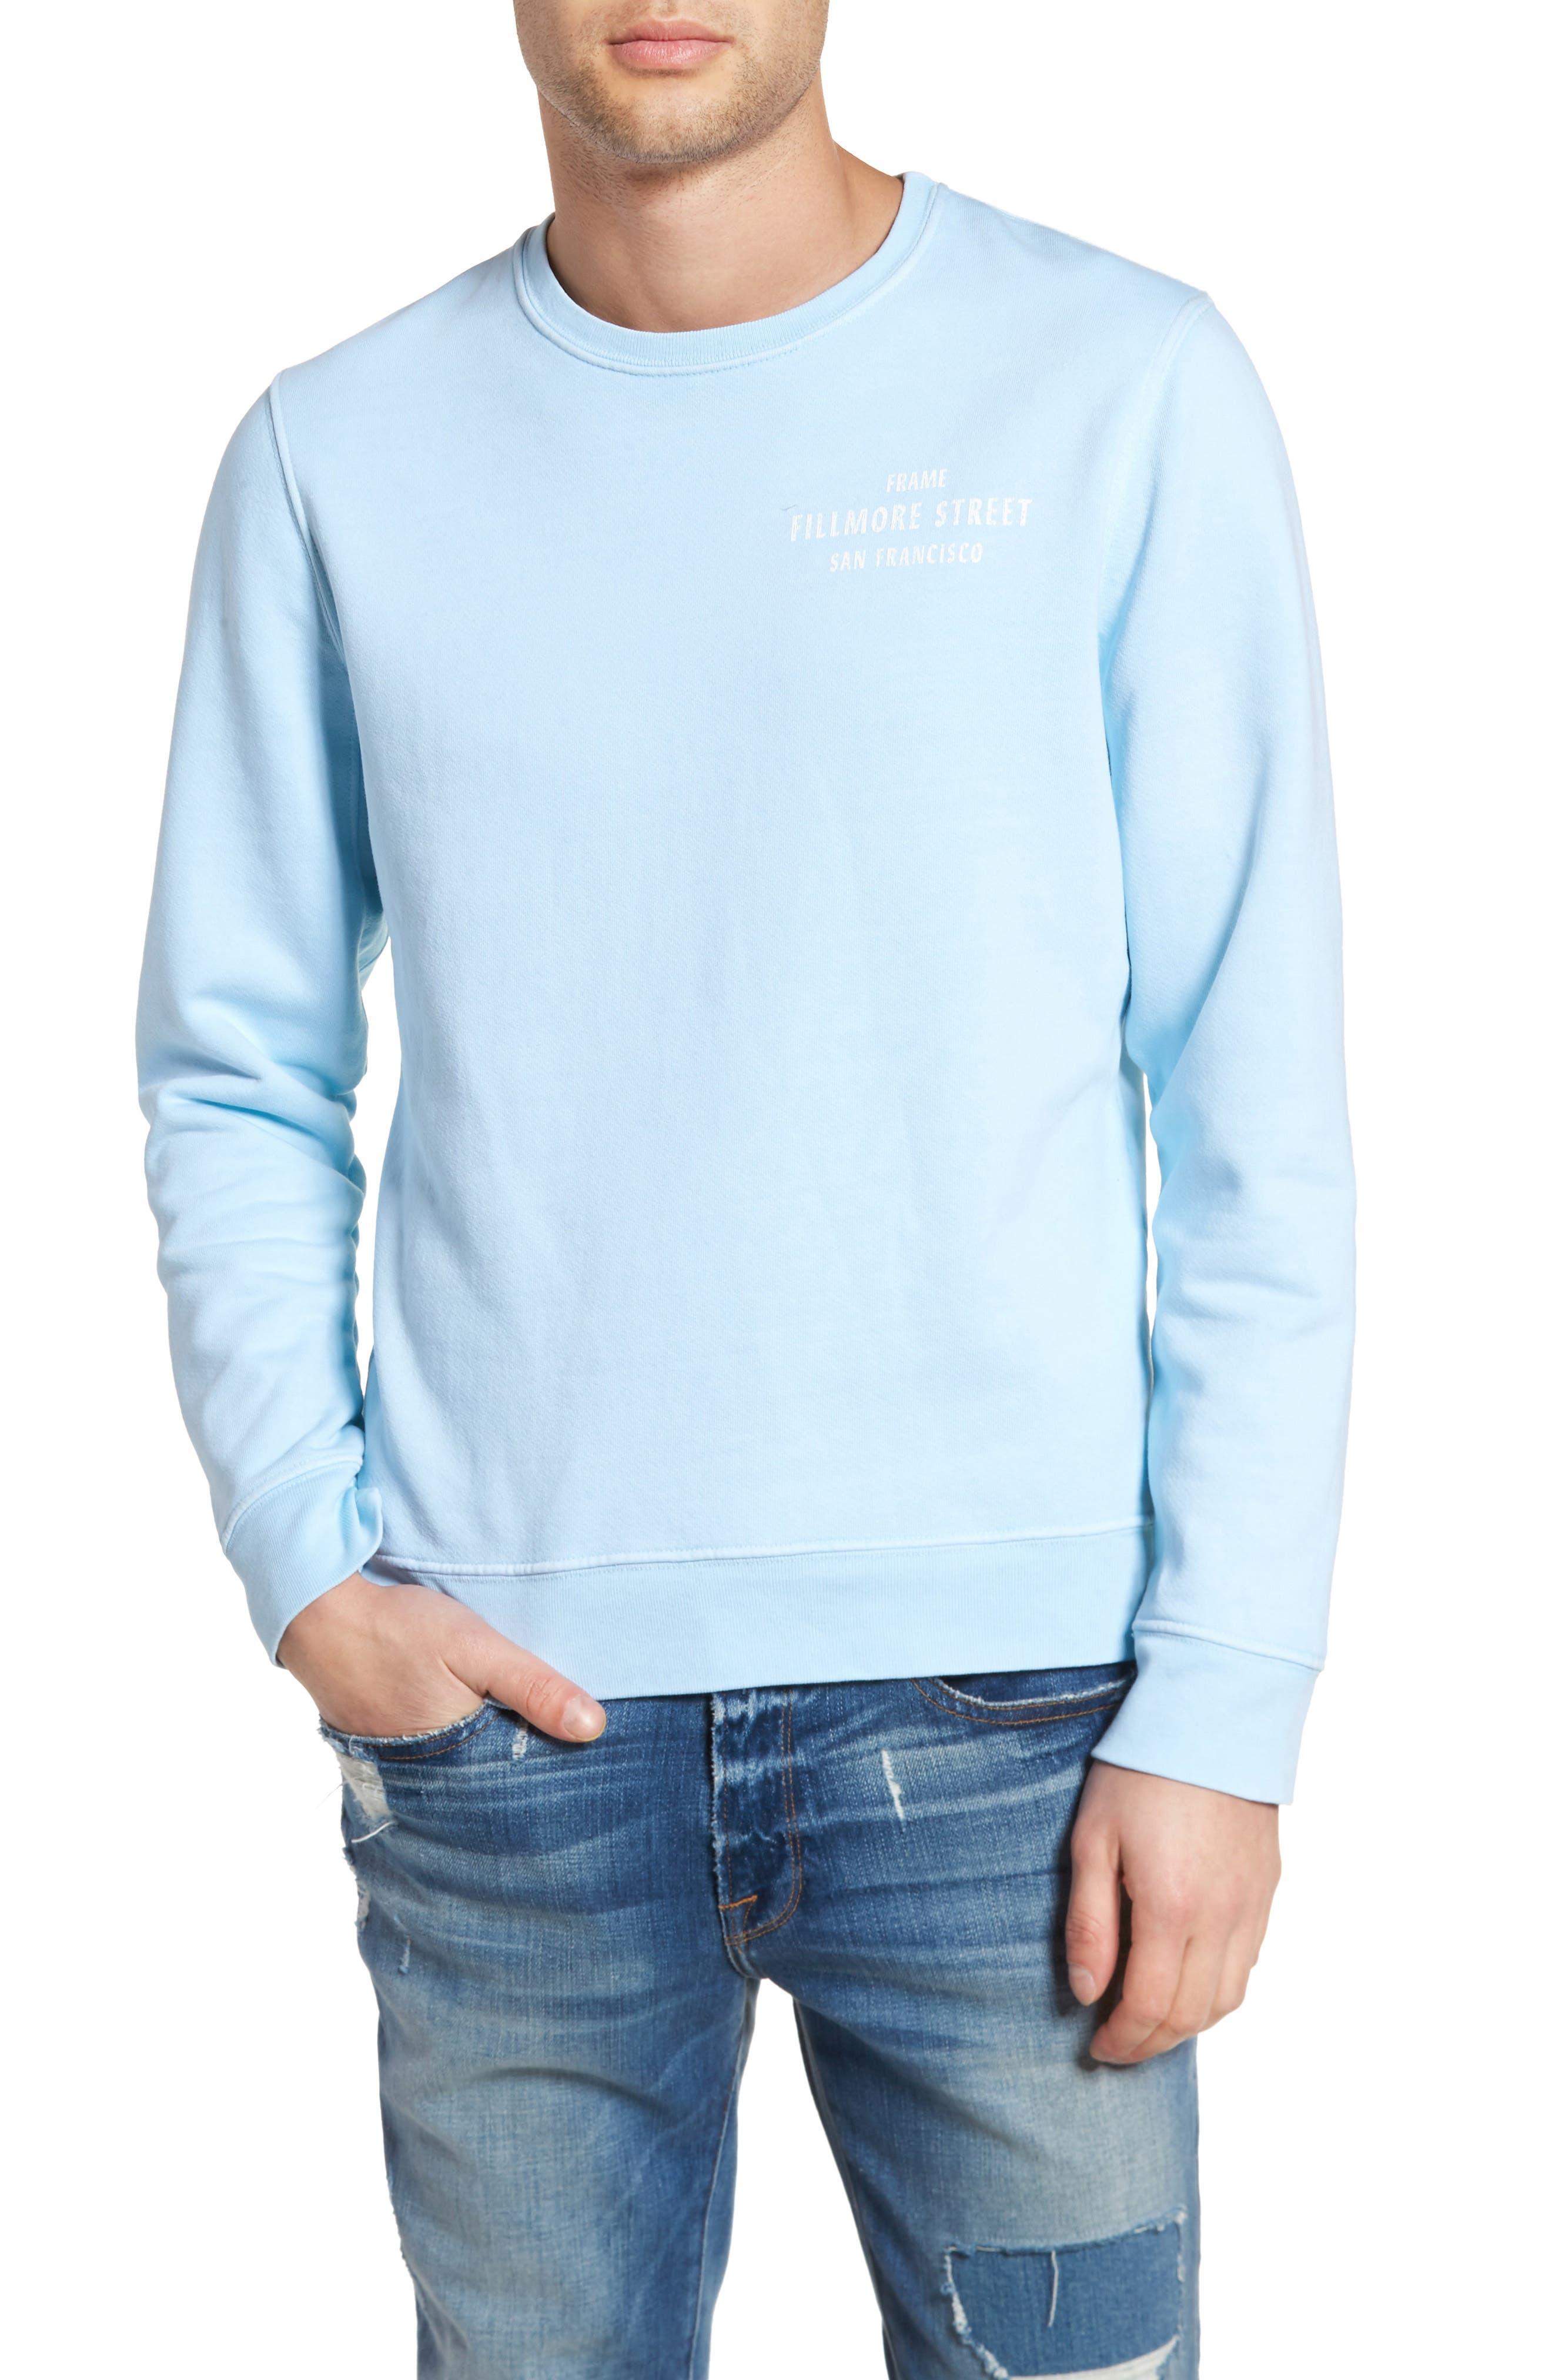 Vintage Crewneck Sweatshirt,                         Main,                         color, 400